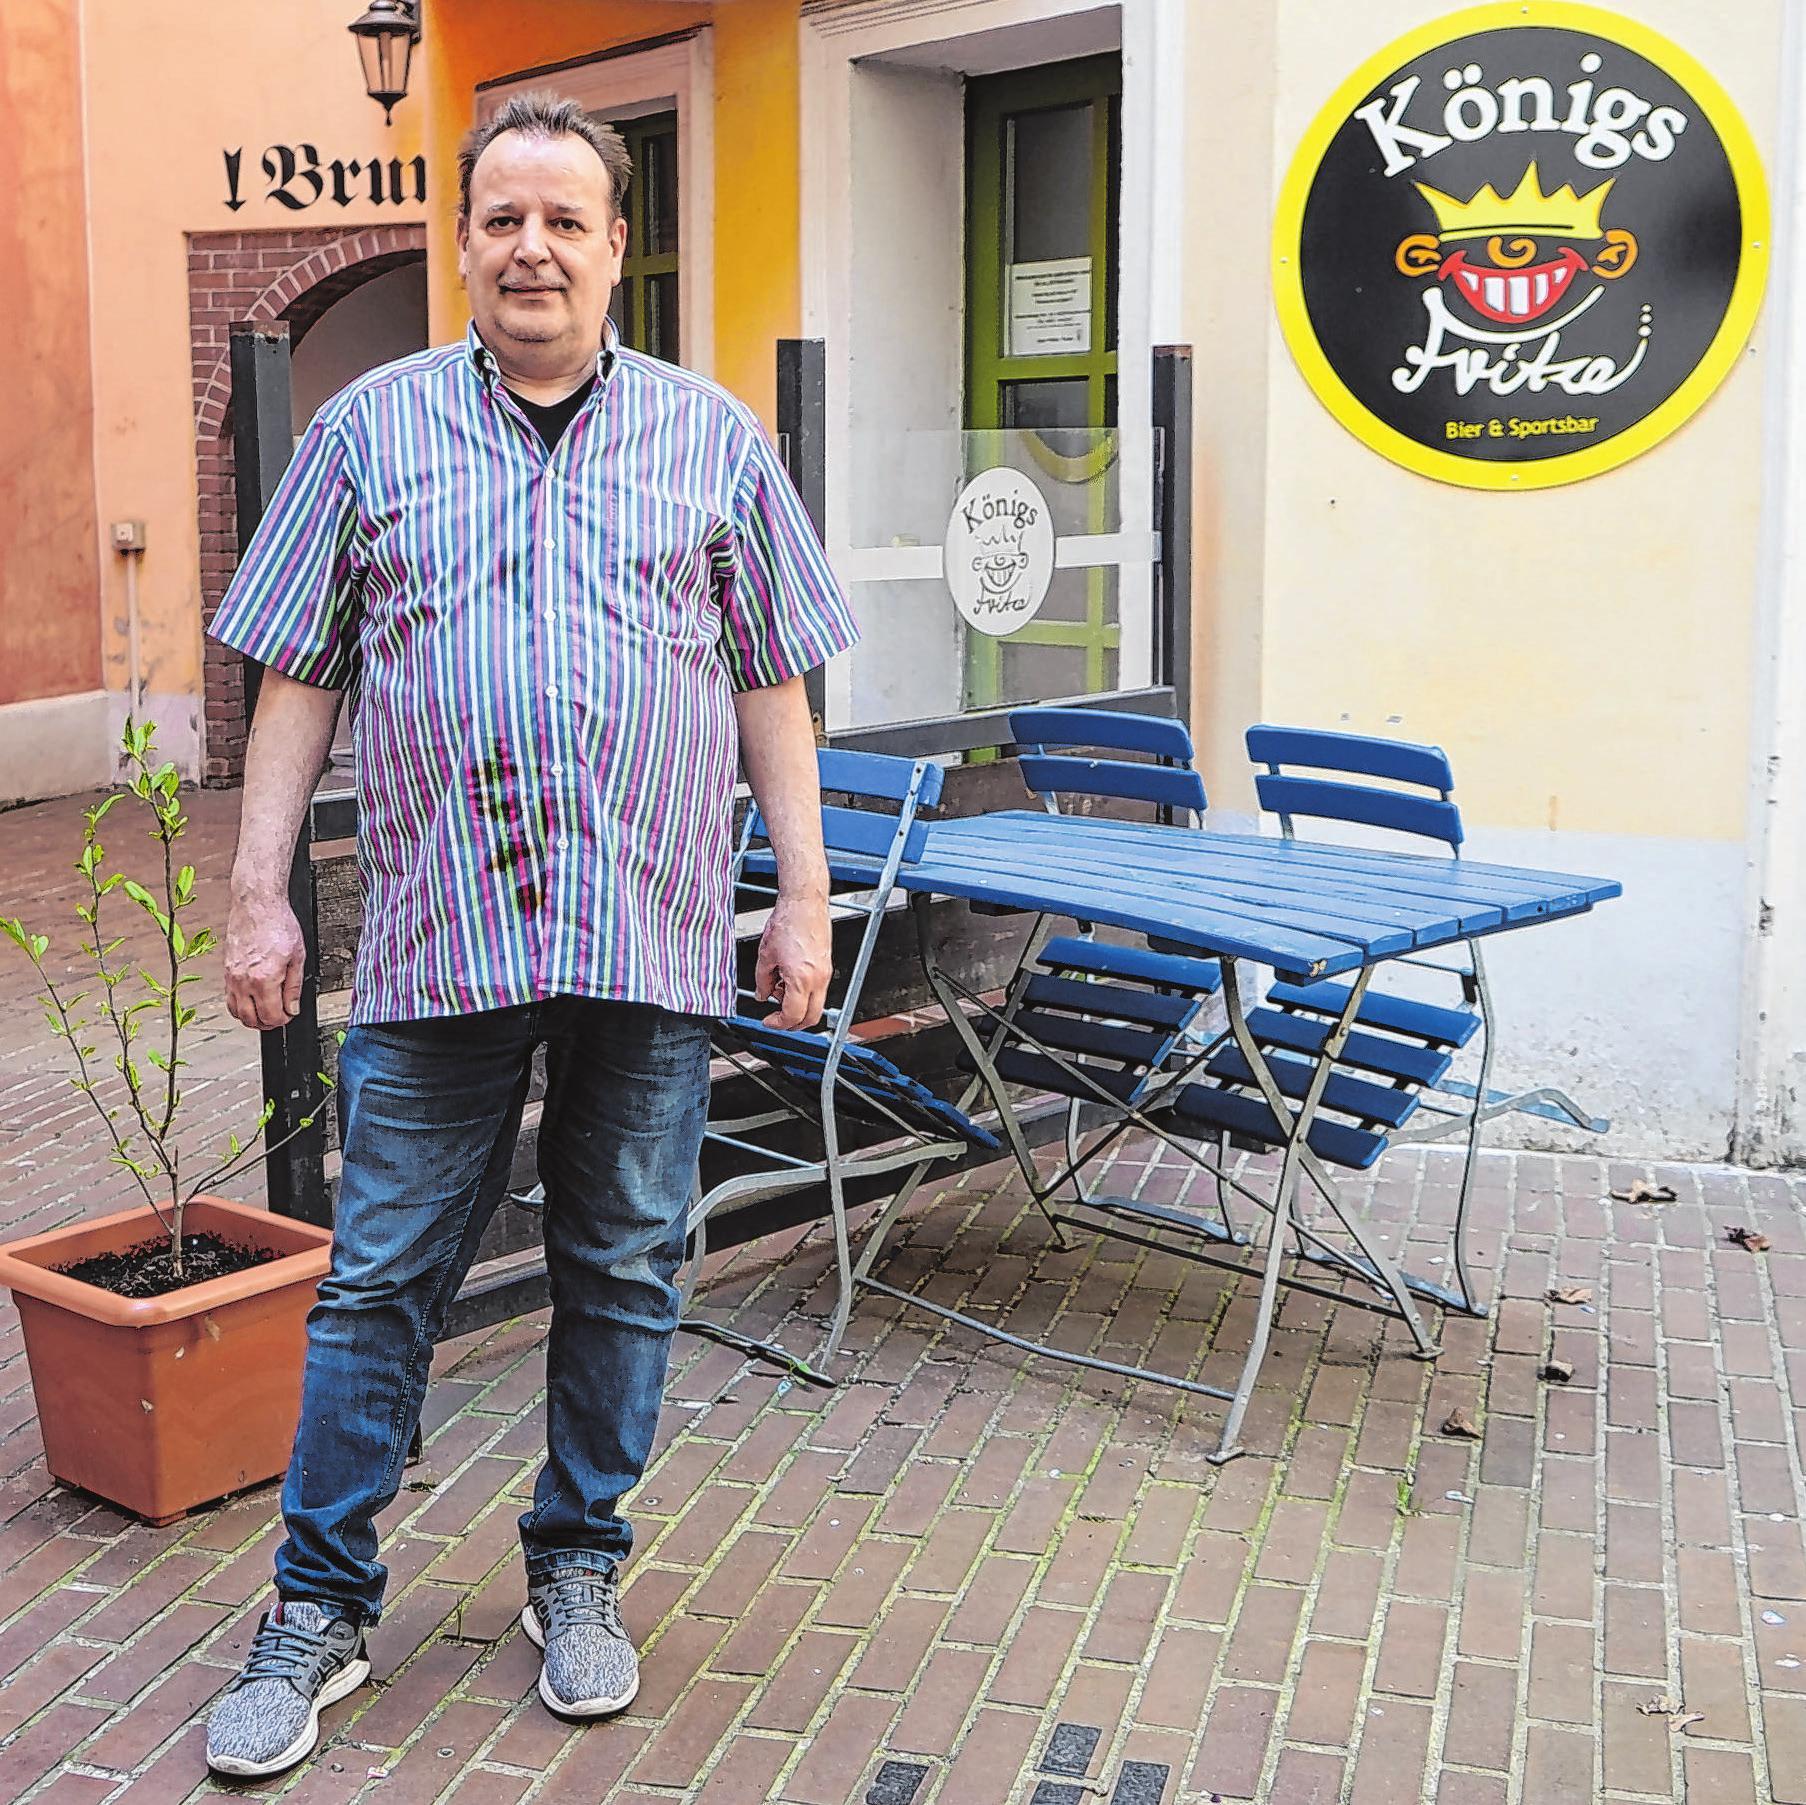 """Frank Nagel lässt zur Zeit das Nebenzimmer seiner Gaststätte """"Königs Fritze"""" umbauen. Die Arbeiten waren schon seit längerer Zeit geplant."""